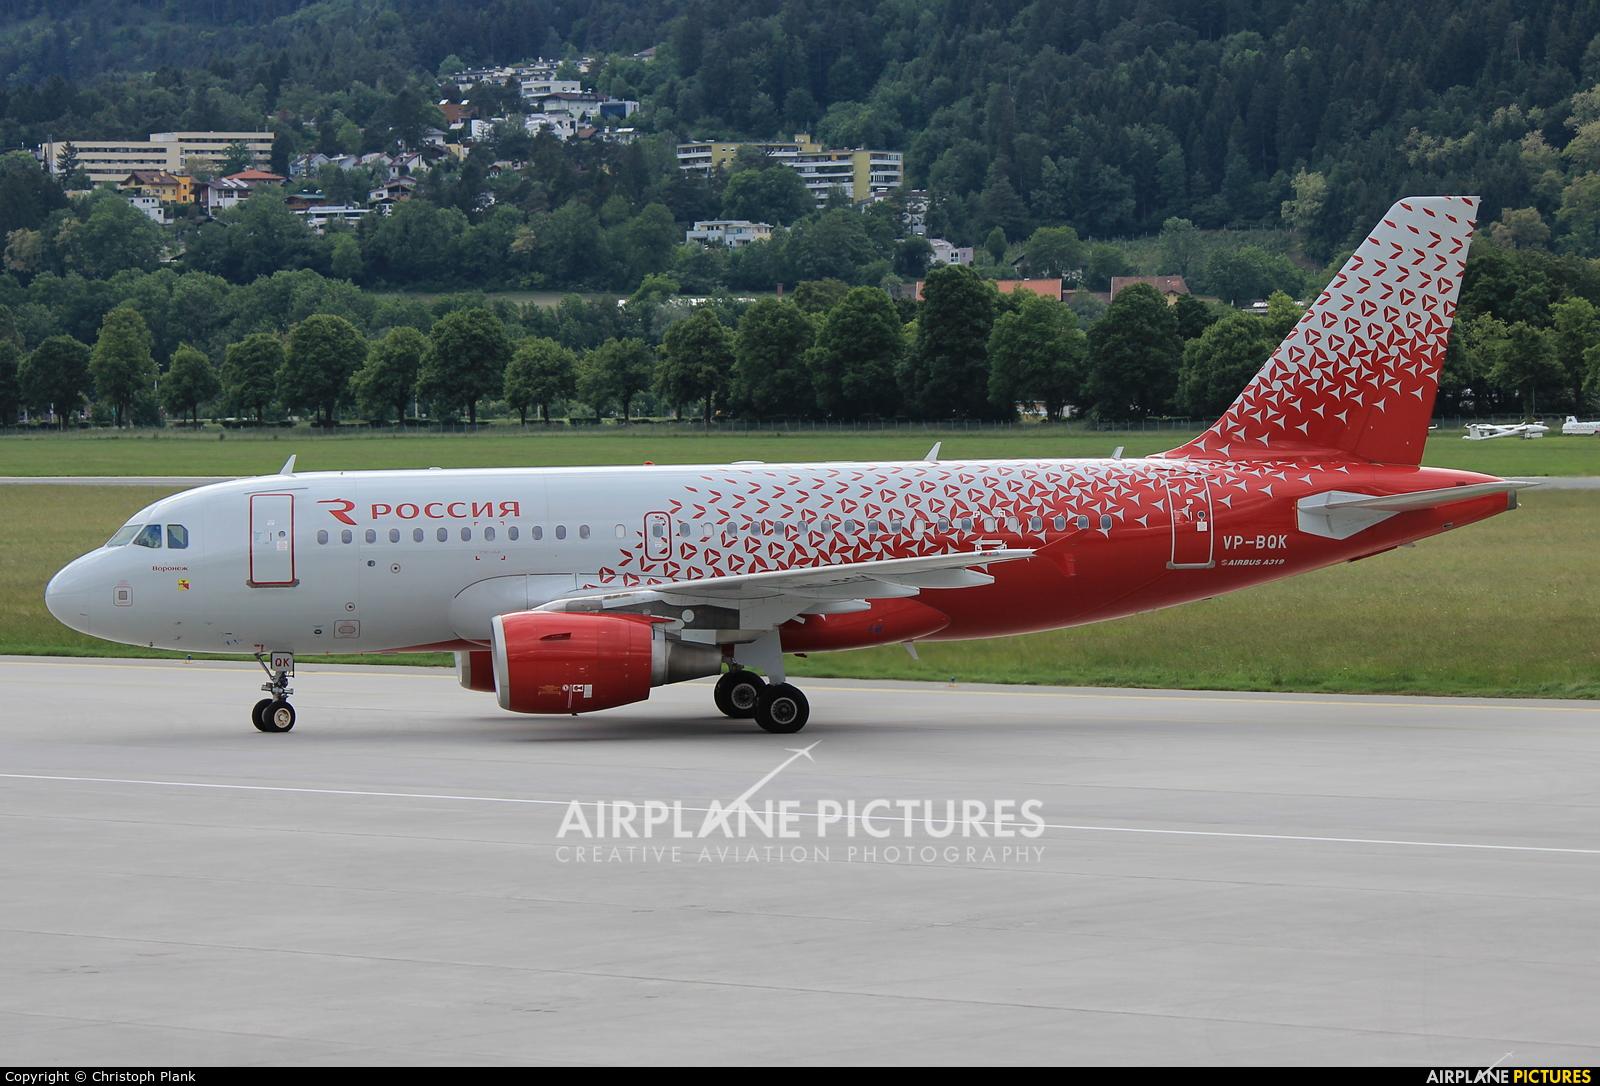 Rossiya VP-BQK aircraft at Innsbruck